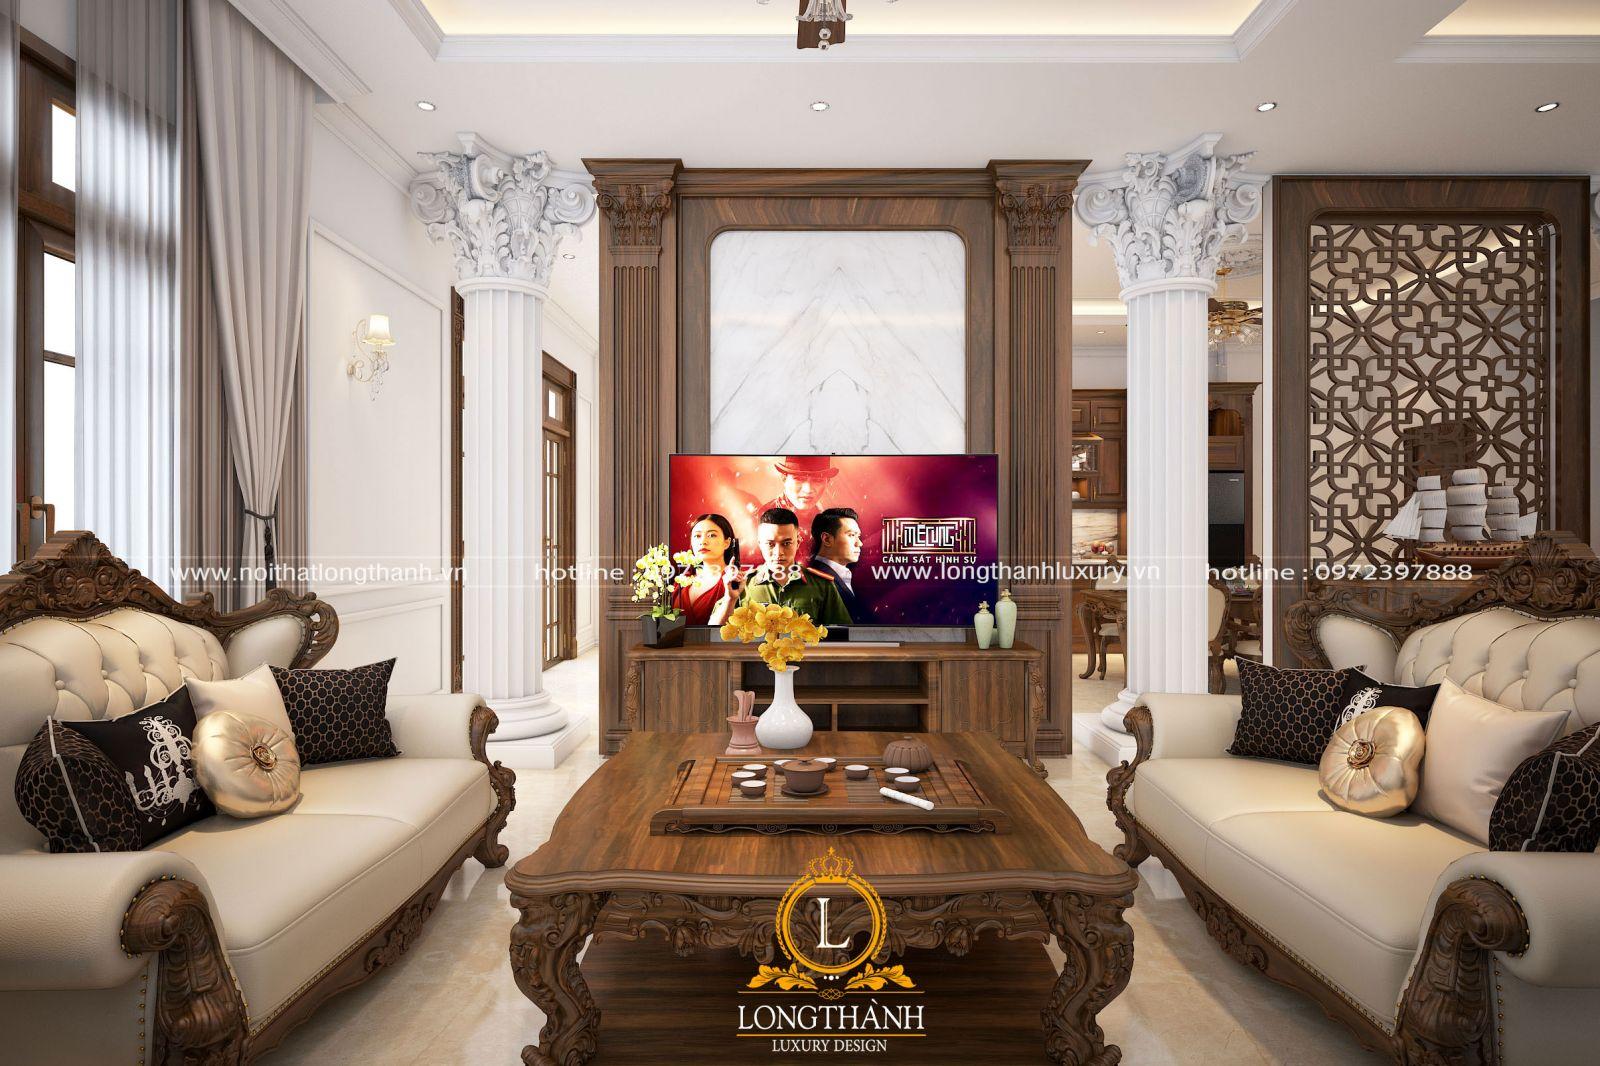 Phòng khách được thiết kế phân chia bảo đảm tính đối xứng